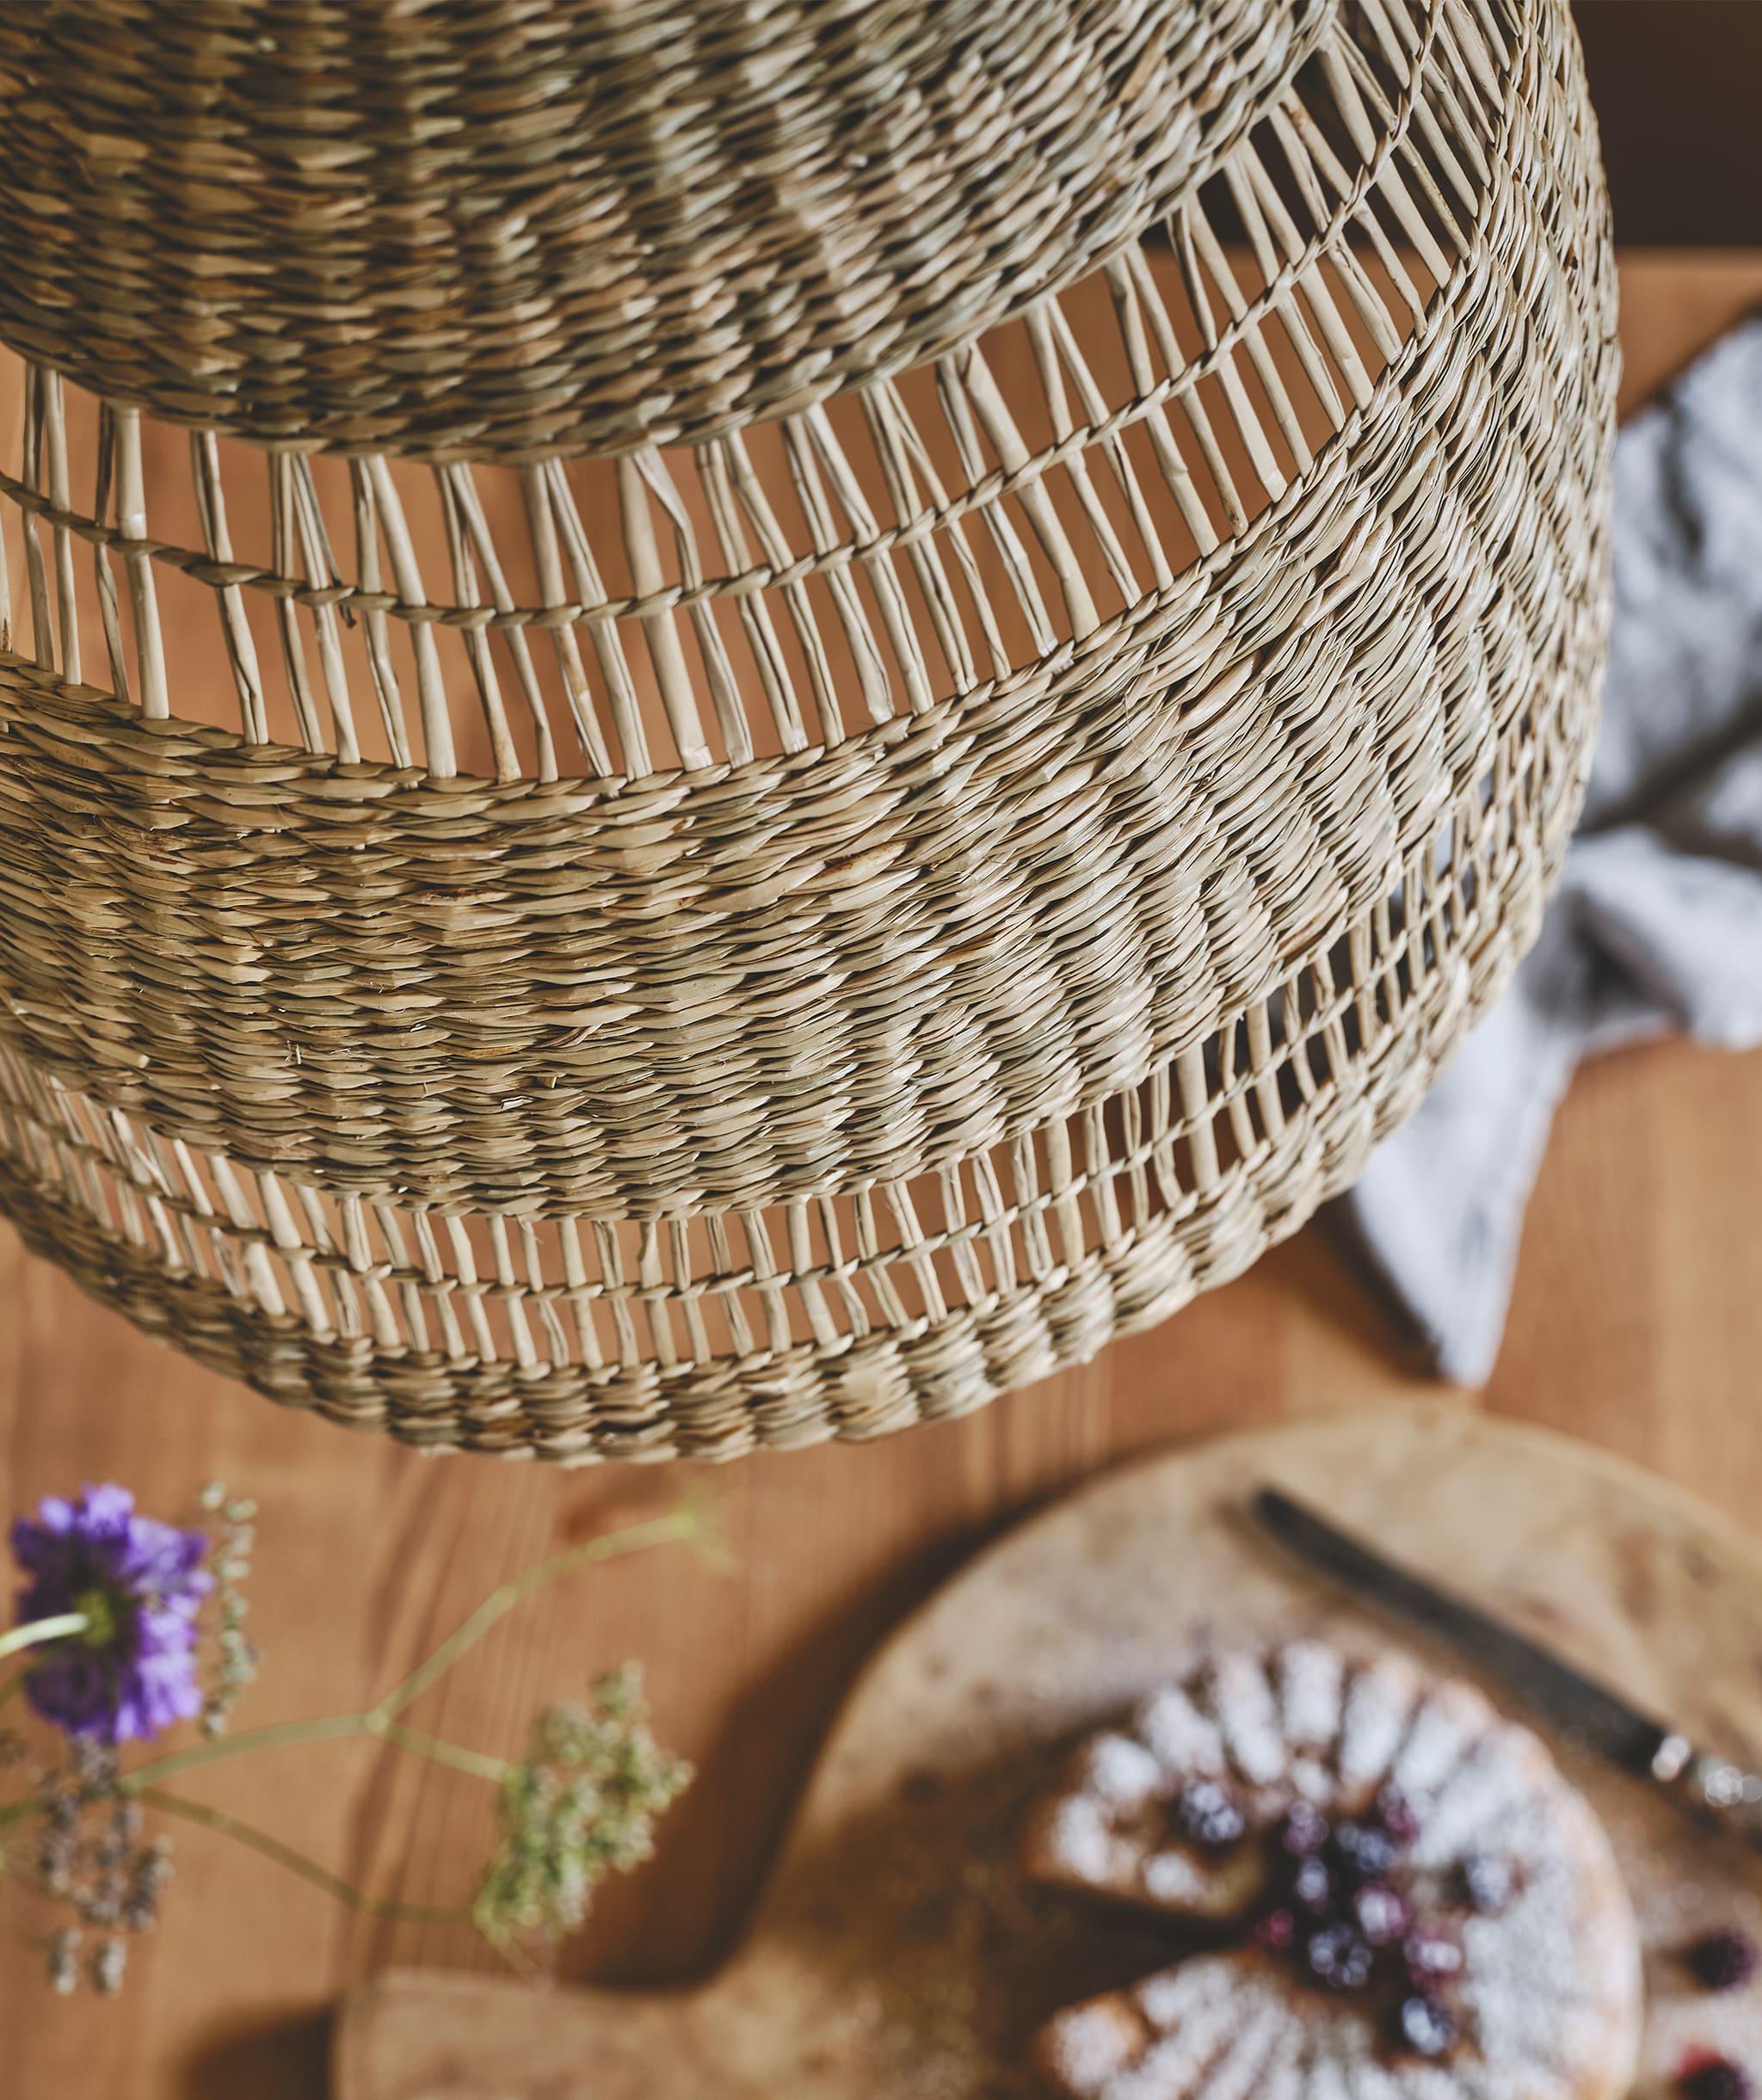 Tampilan dekat dari pola dekoratif lampu gantung yang terbuat dari lamun alami, tergantung di atas meja kayu.